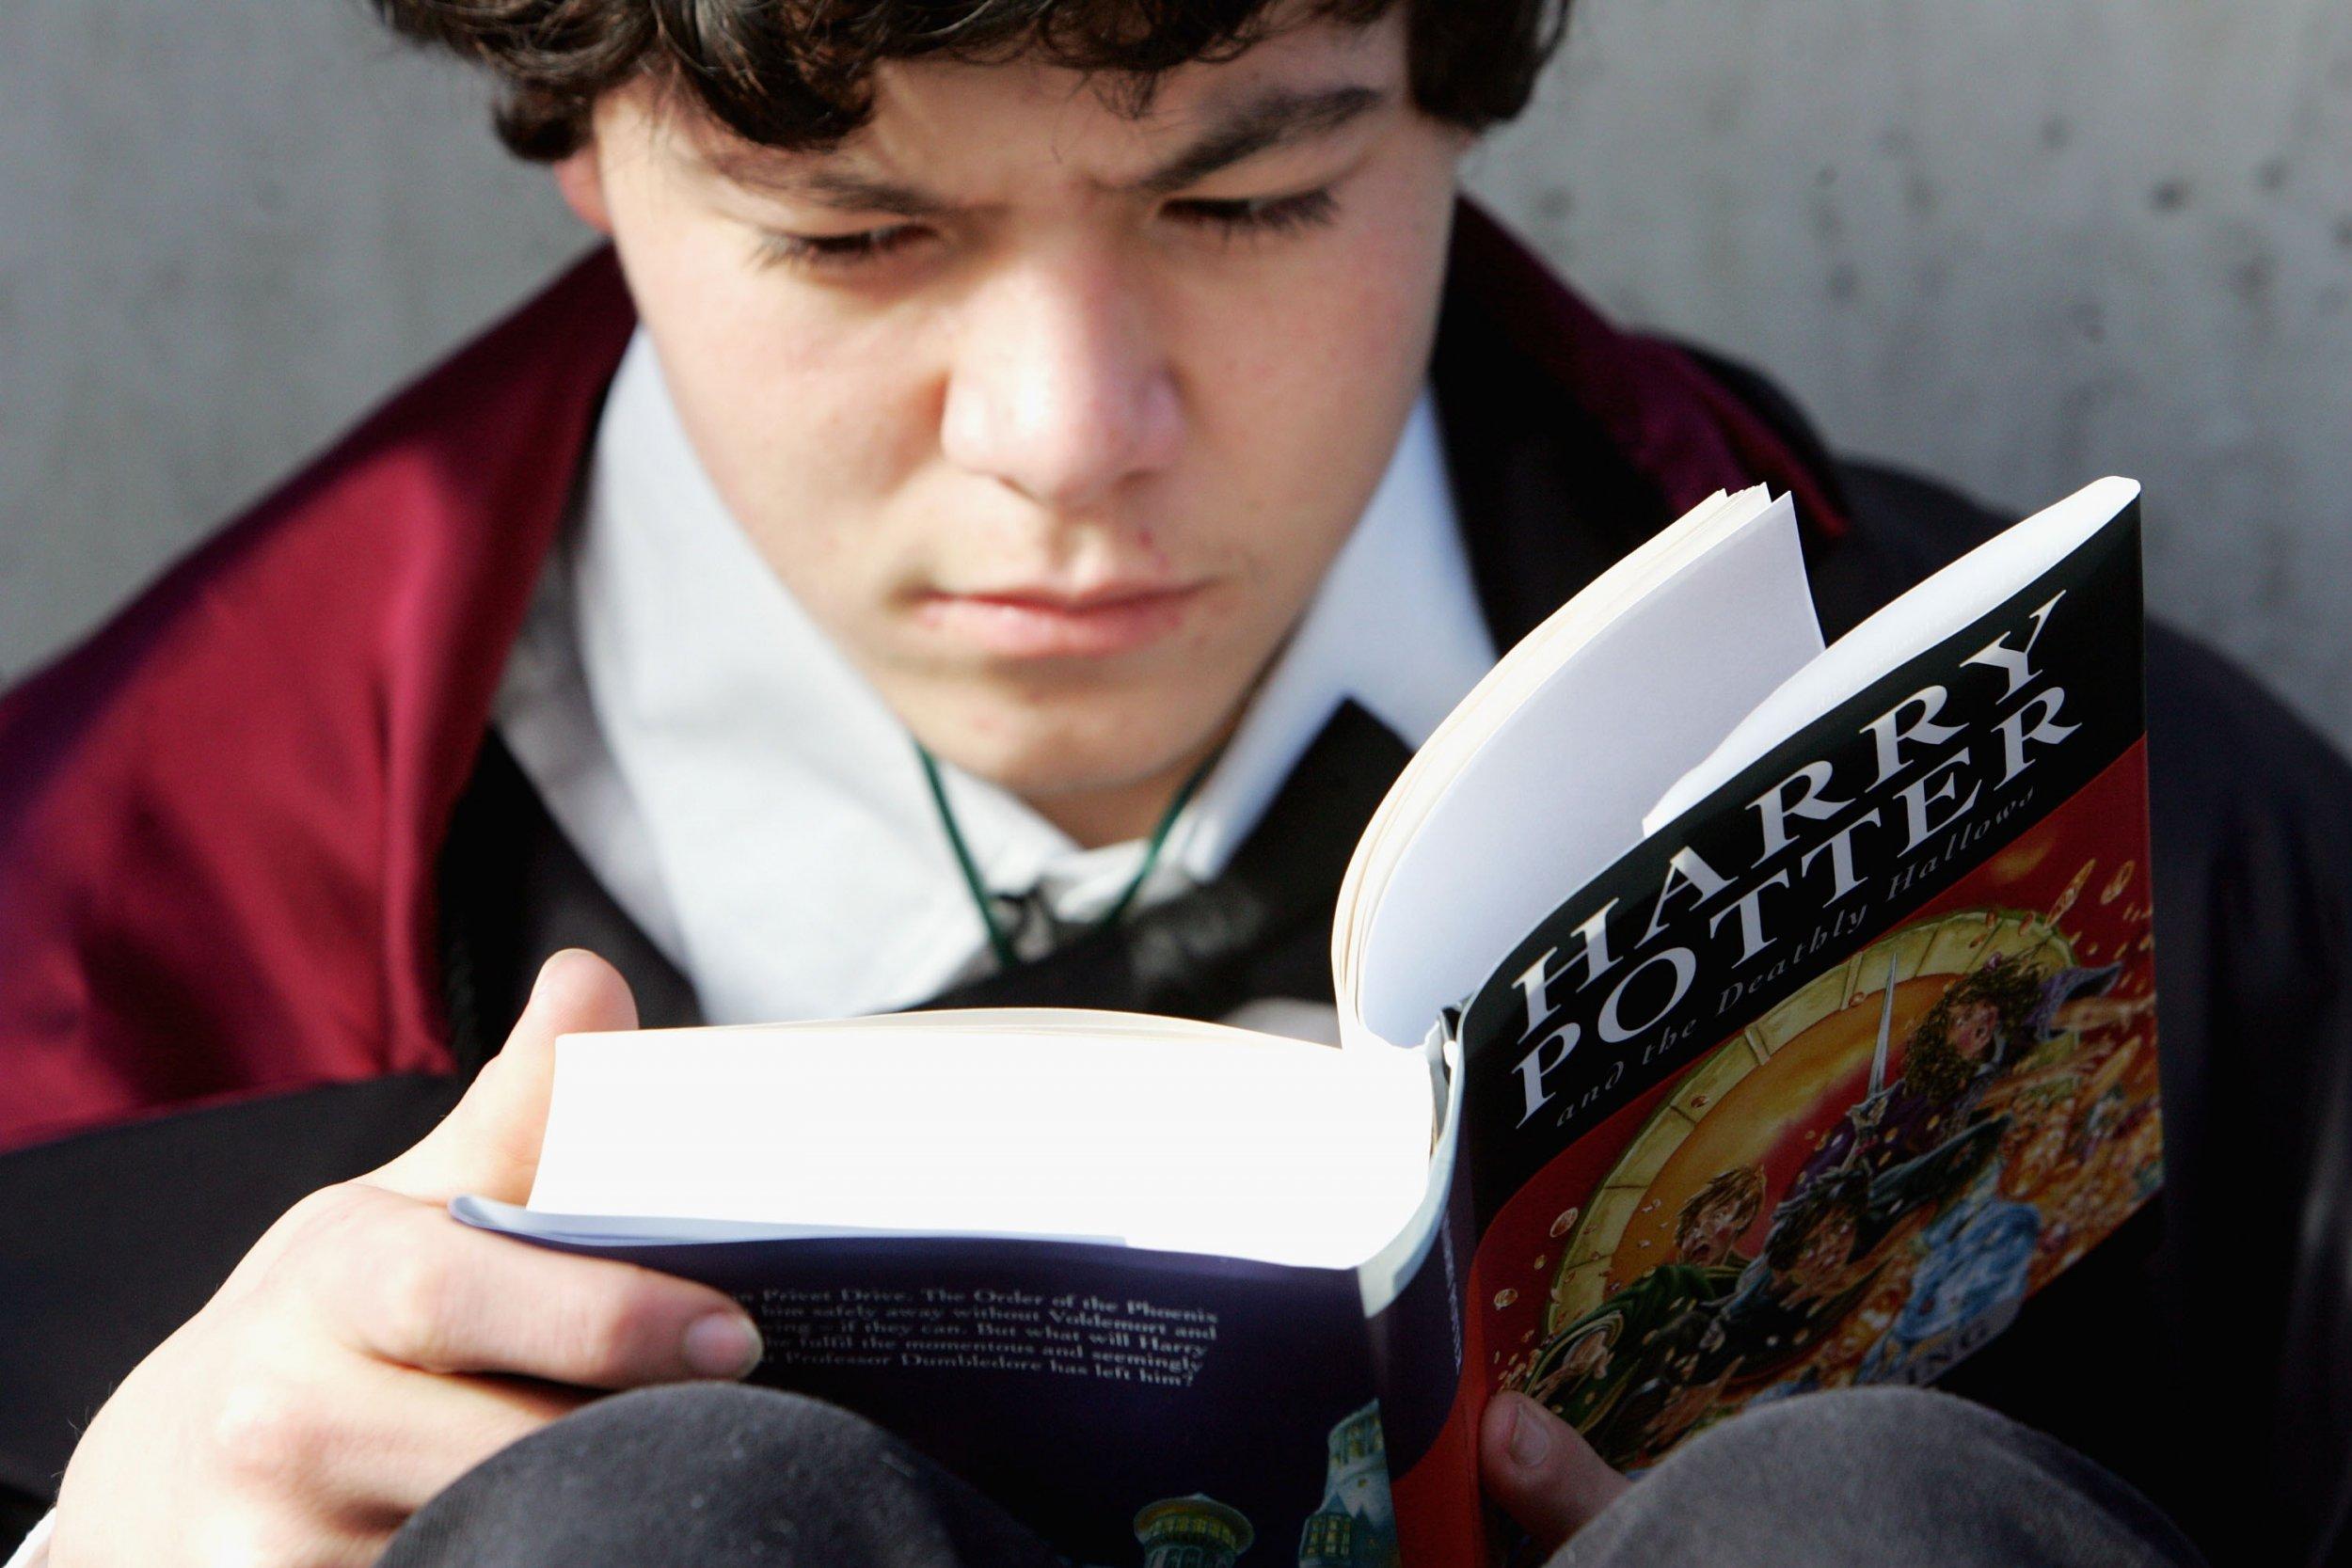 Fan reading Harry Potter